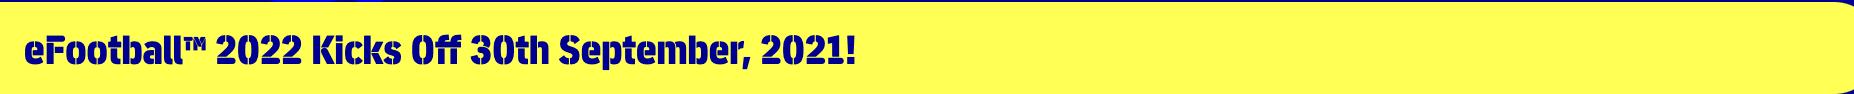 Screen Shot 2021-09-03 at 12.20.33 PM